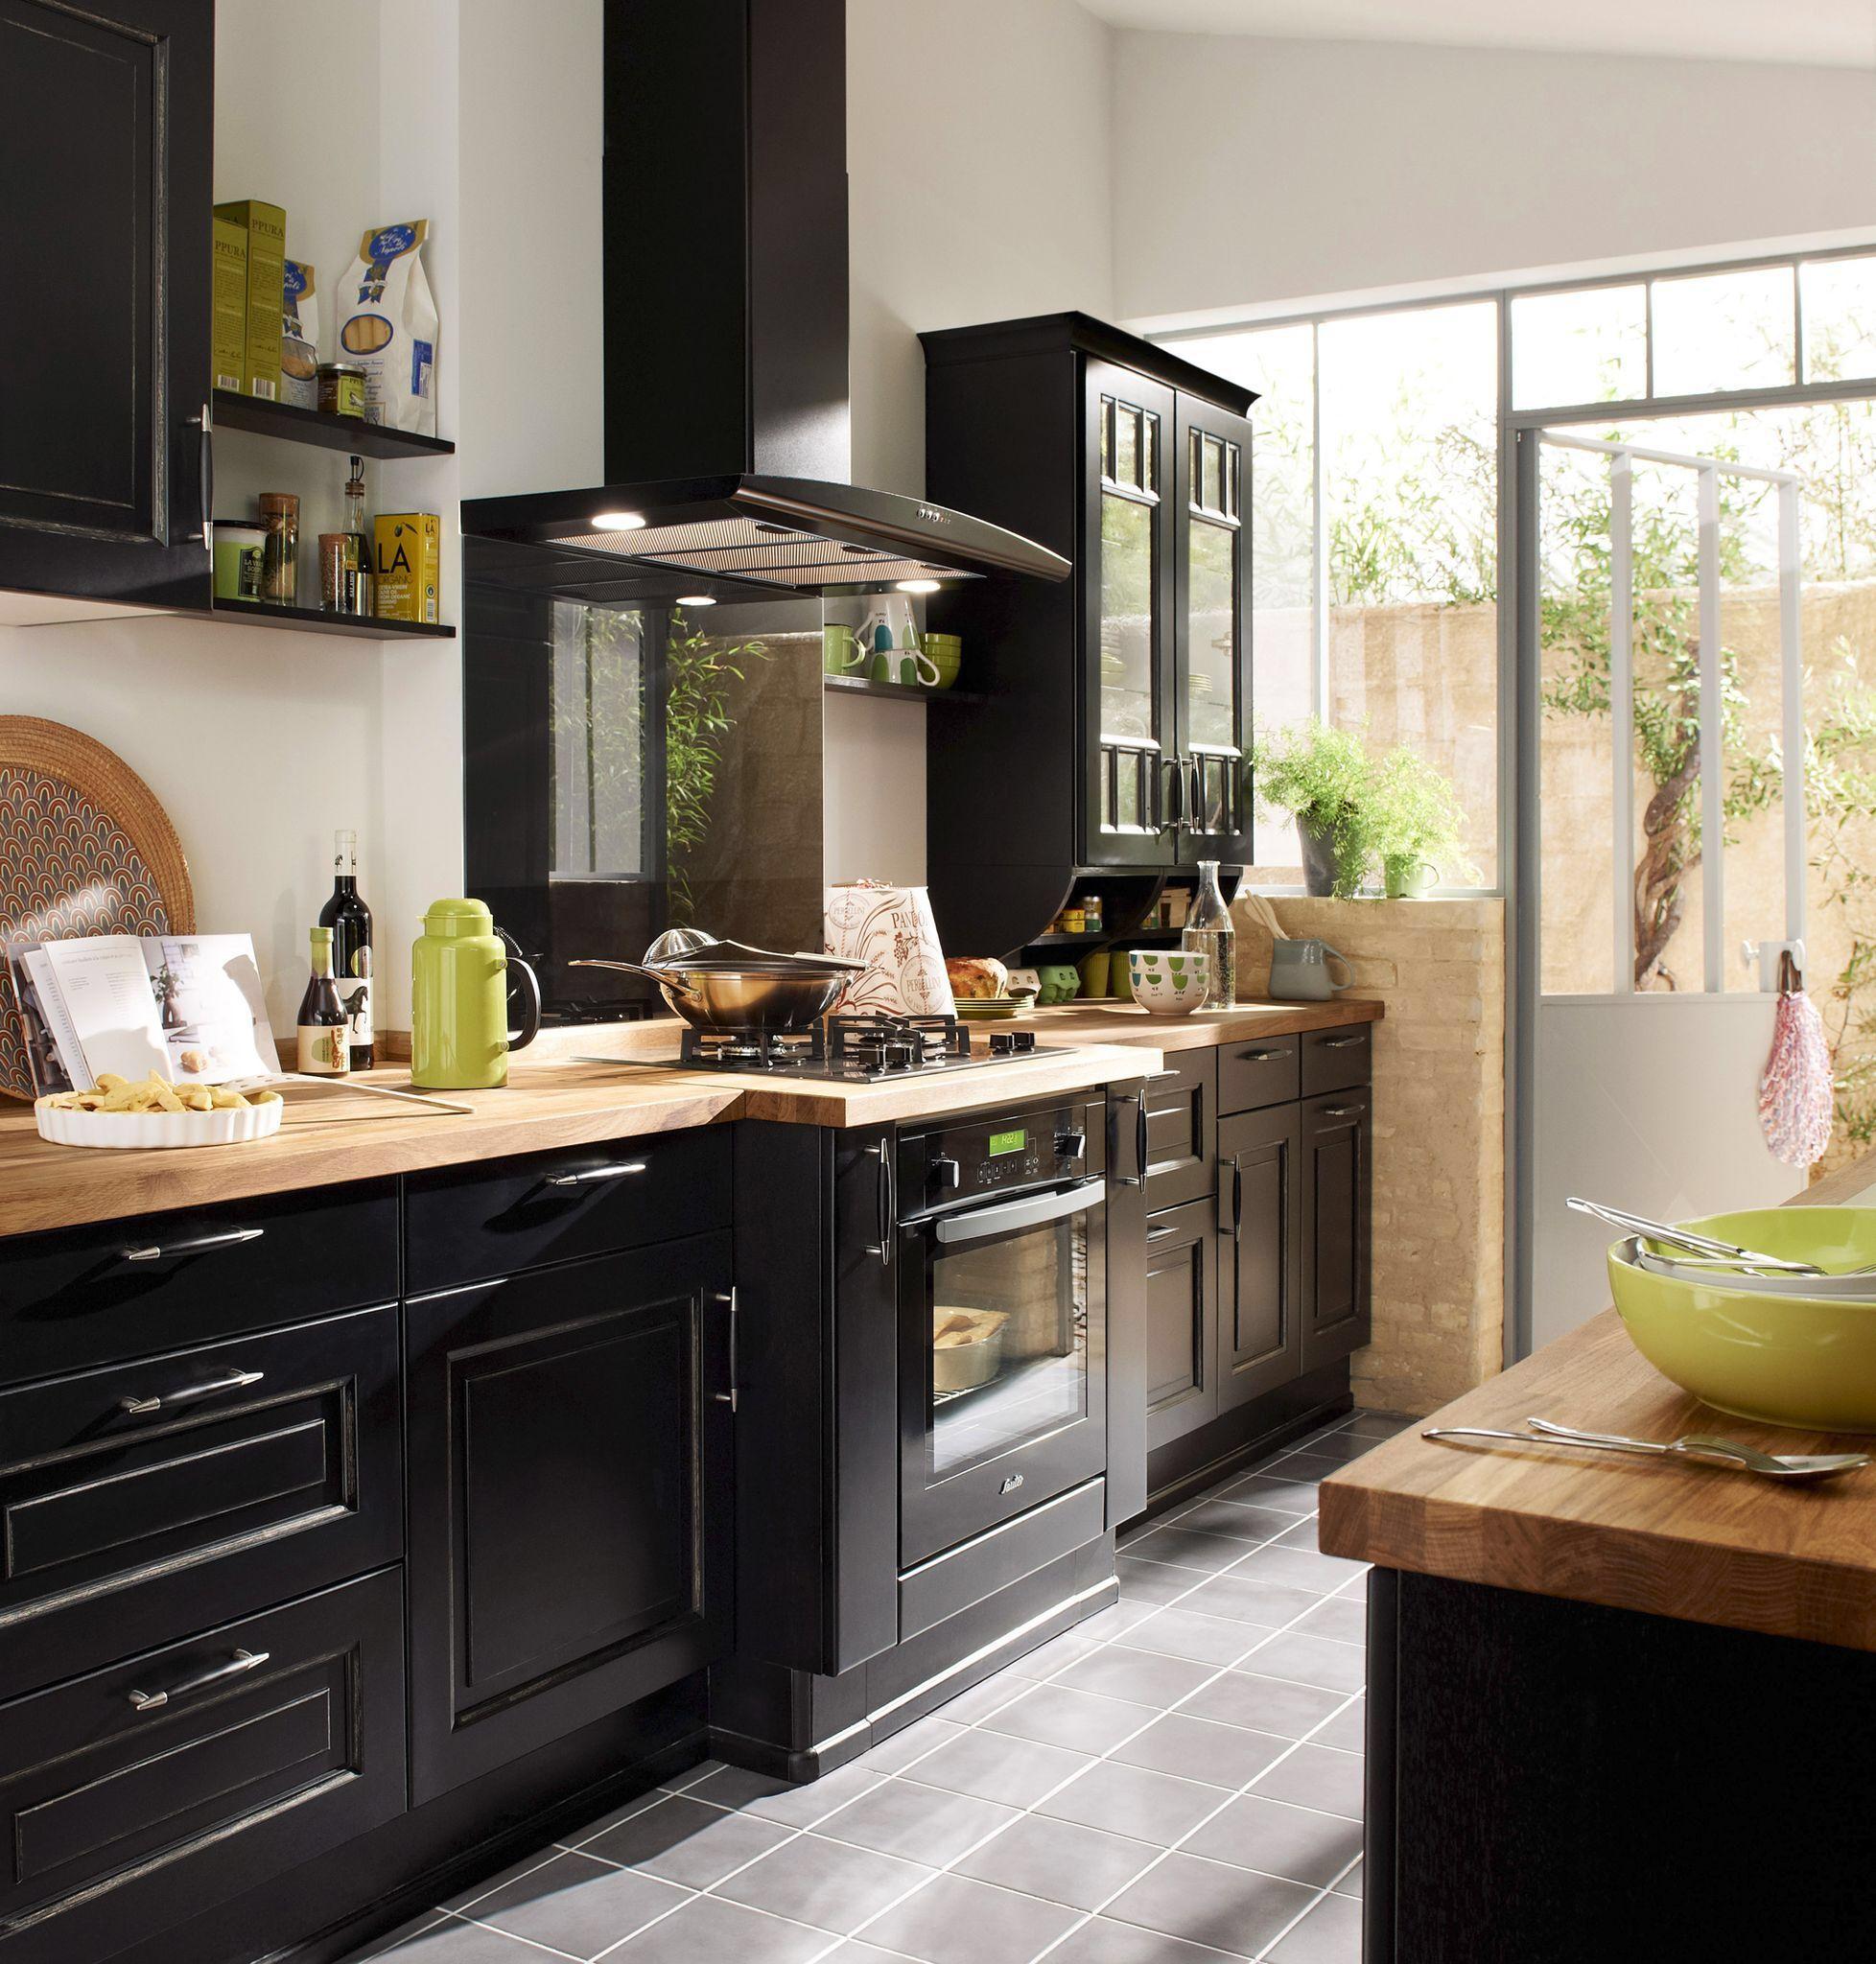 La Cuisine De Bistrot Épinglé sur diy home improvement ideas